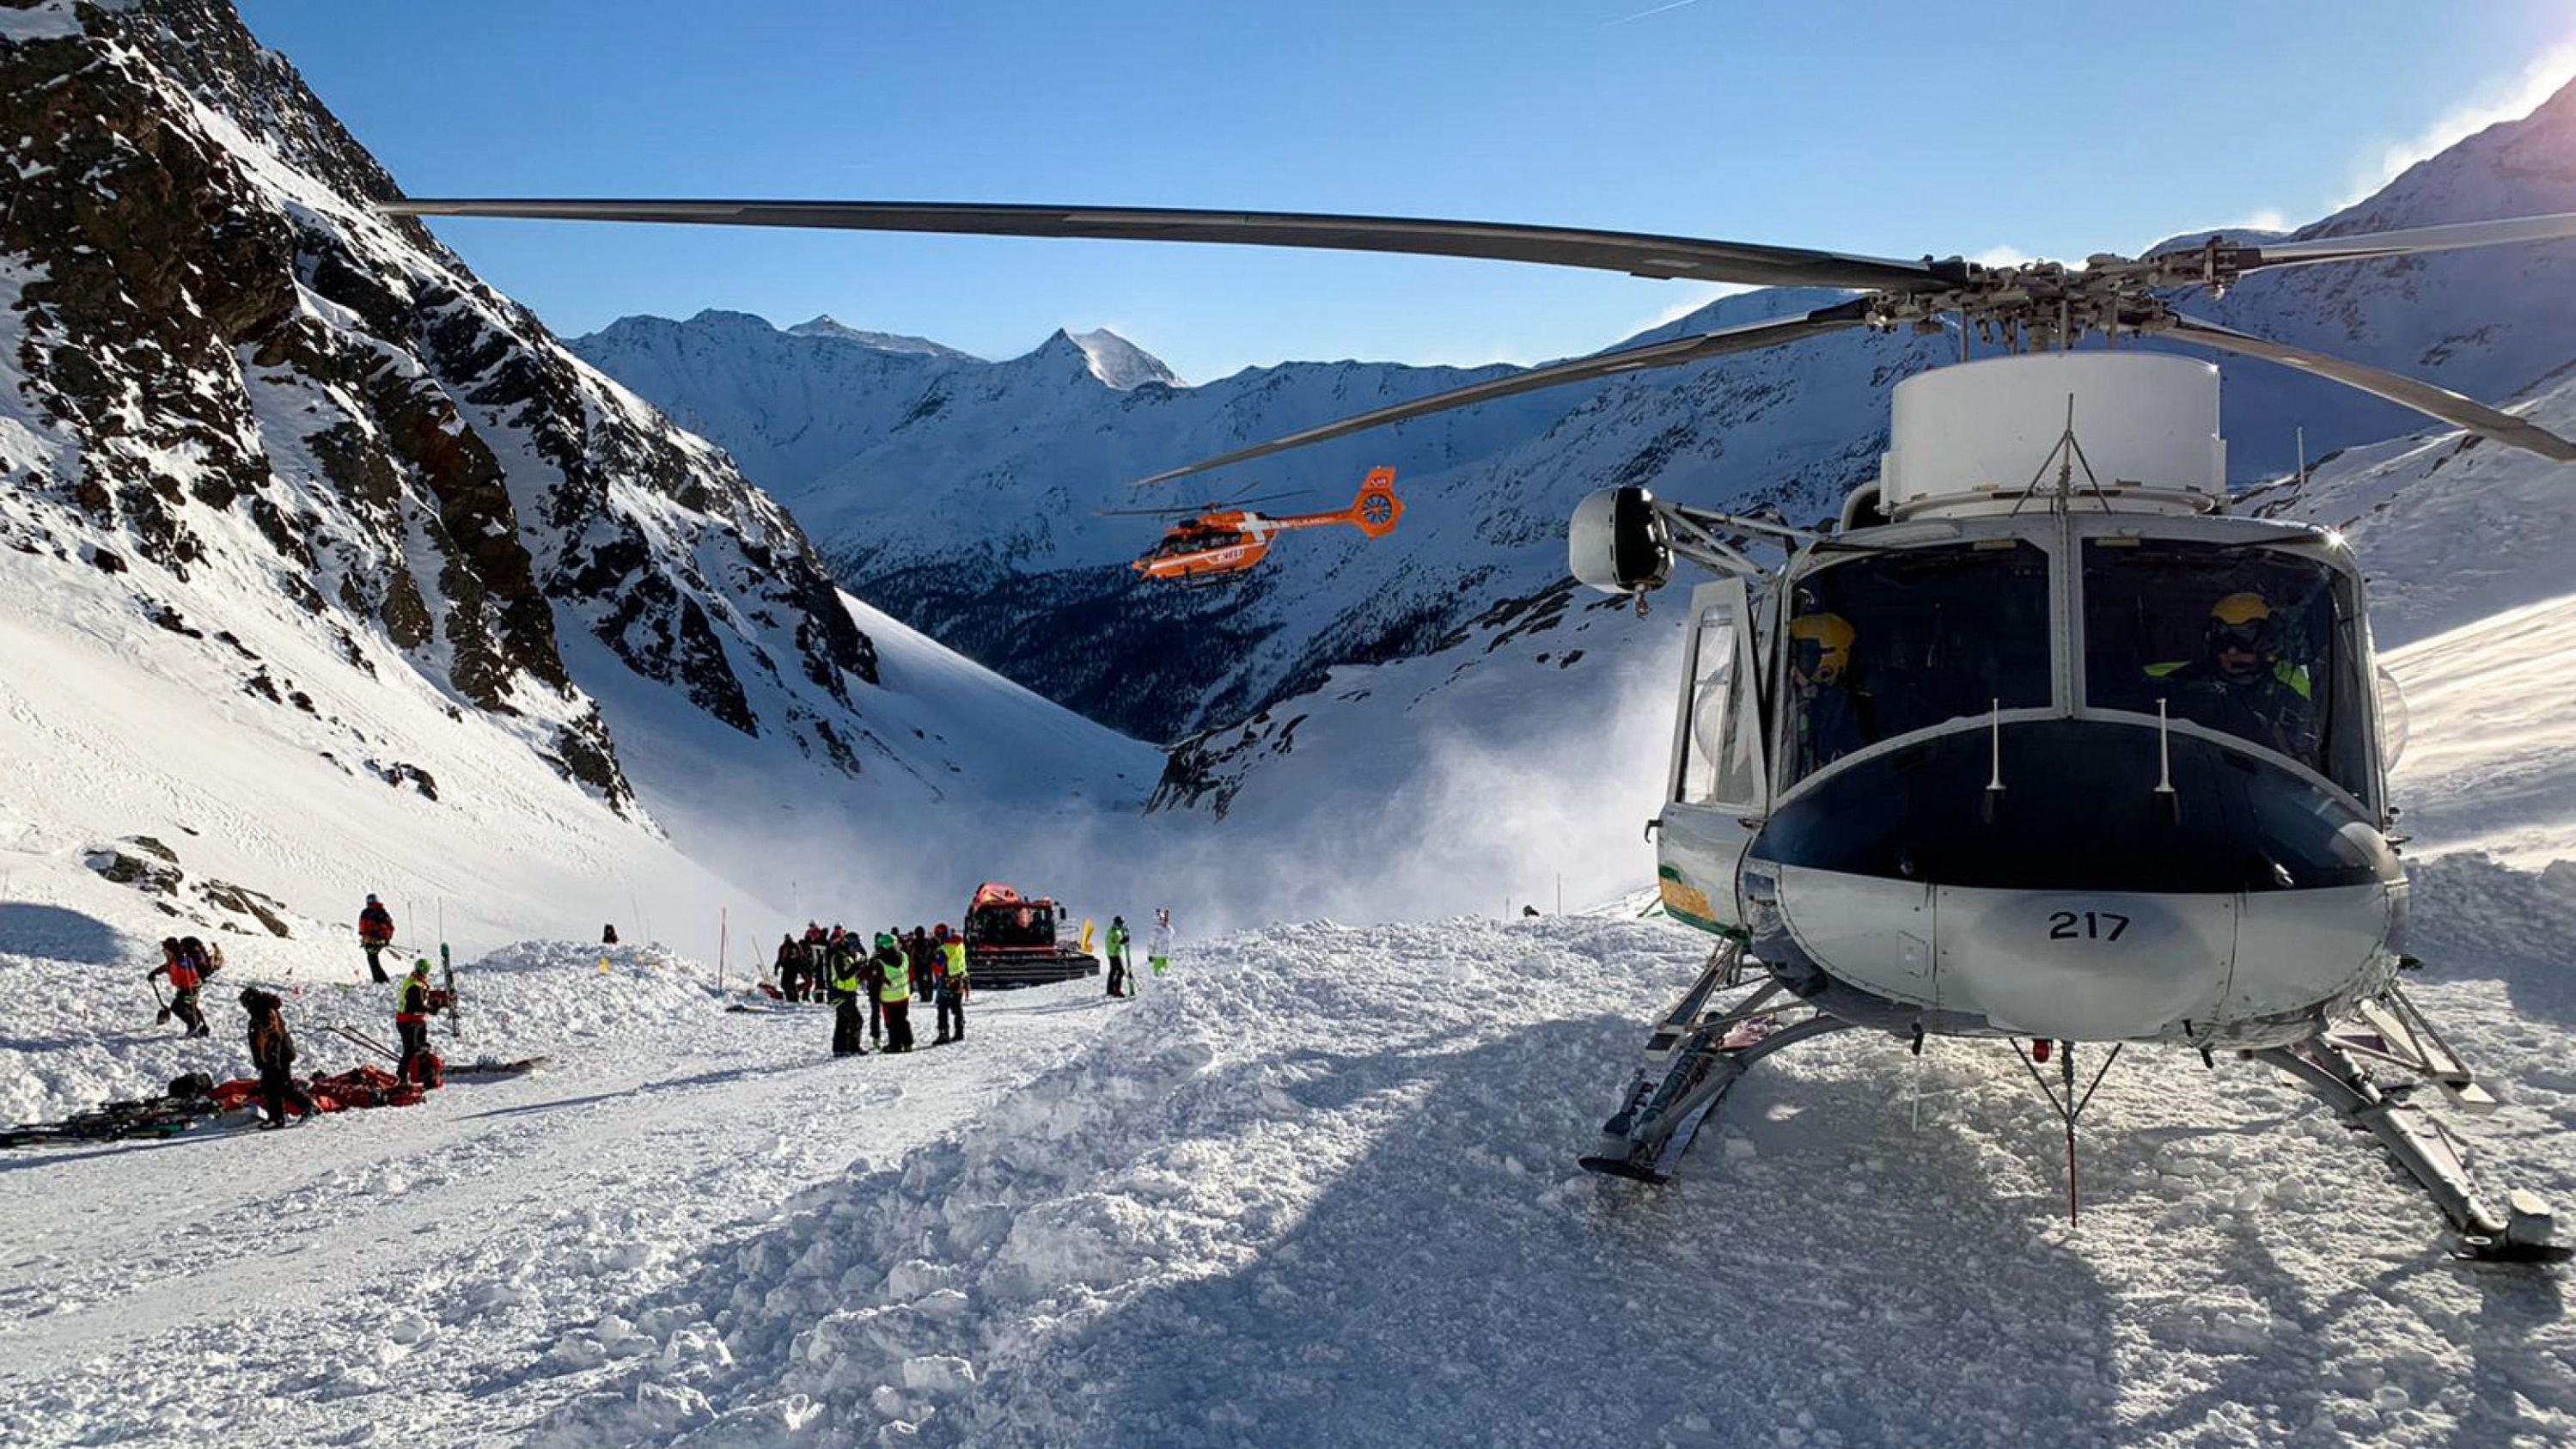 Italien, Schnaltal: Ein Helikopter ist während einer Suchaktion von Rettungskräften nach einer Lawine auf einer Skipiste gelandet.